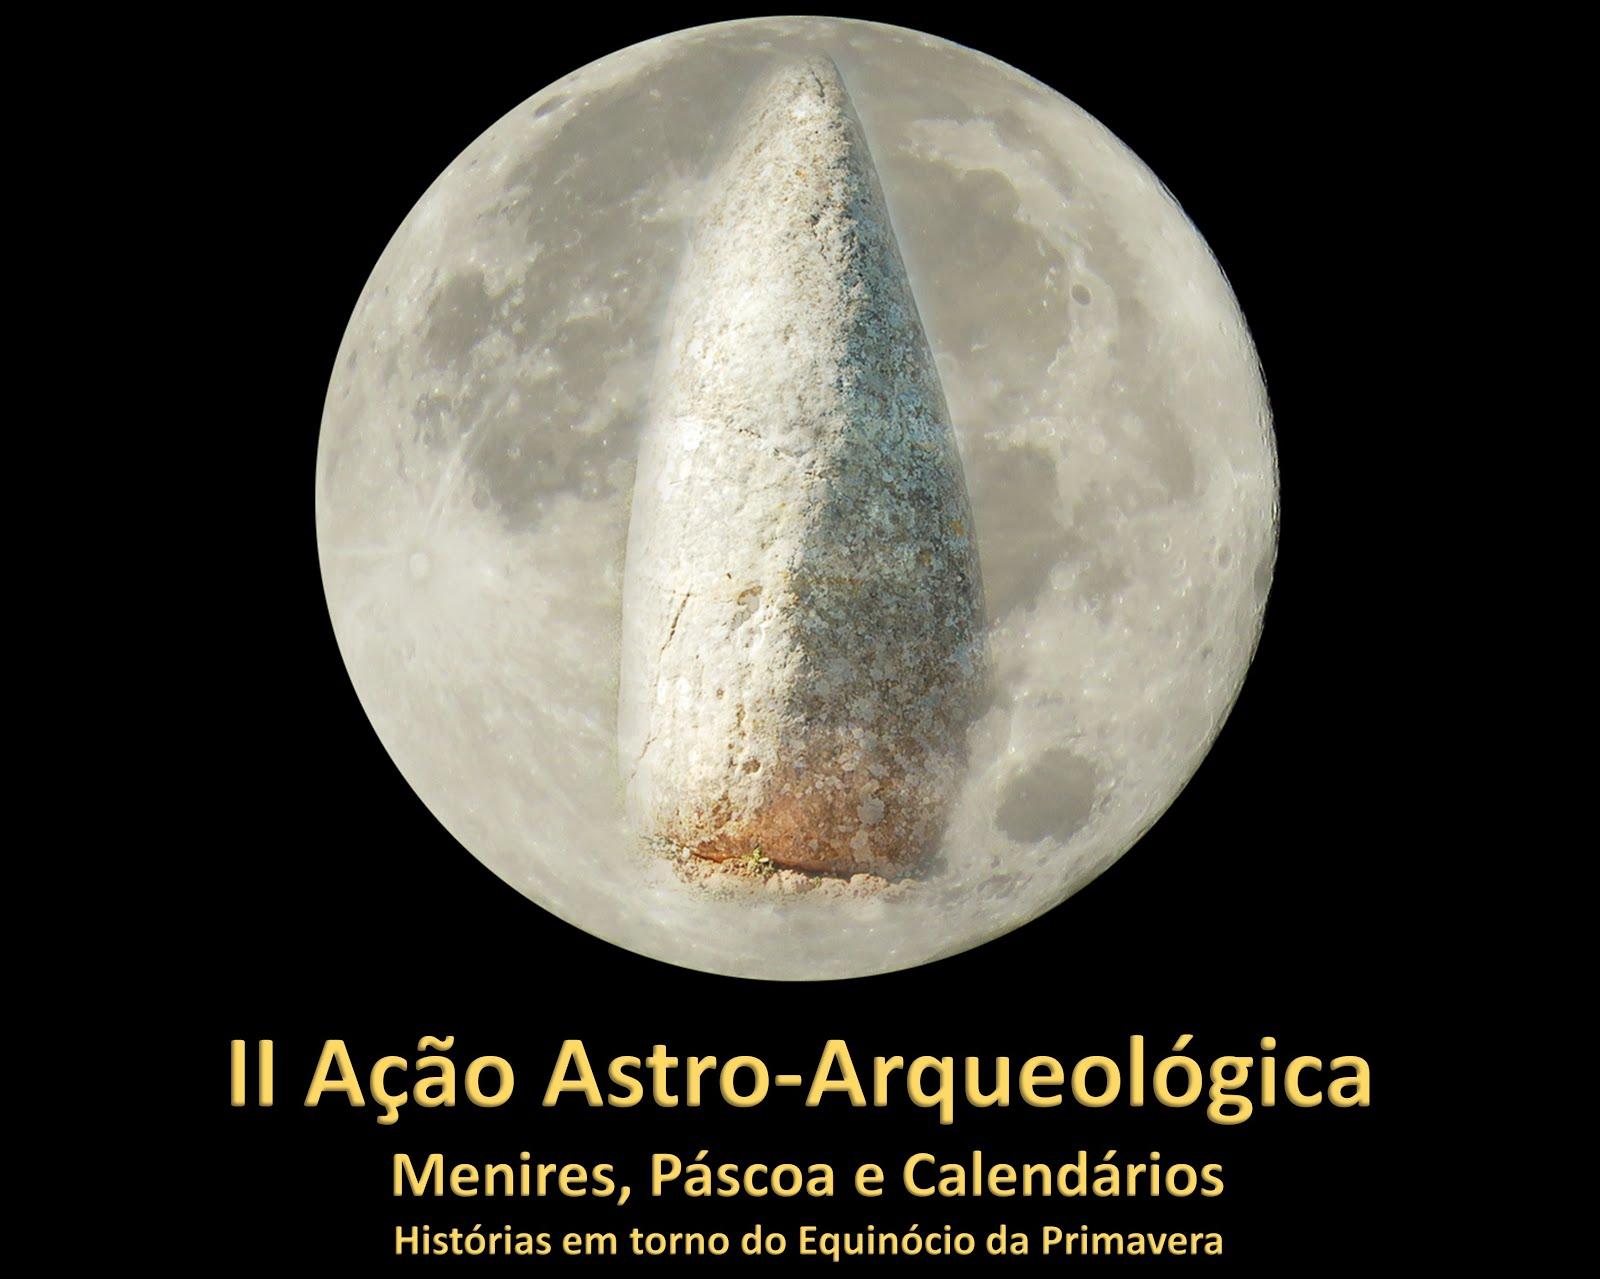 II ação Astro-Arqueológica: Menires, Páscoa e Calendários